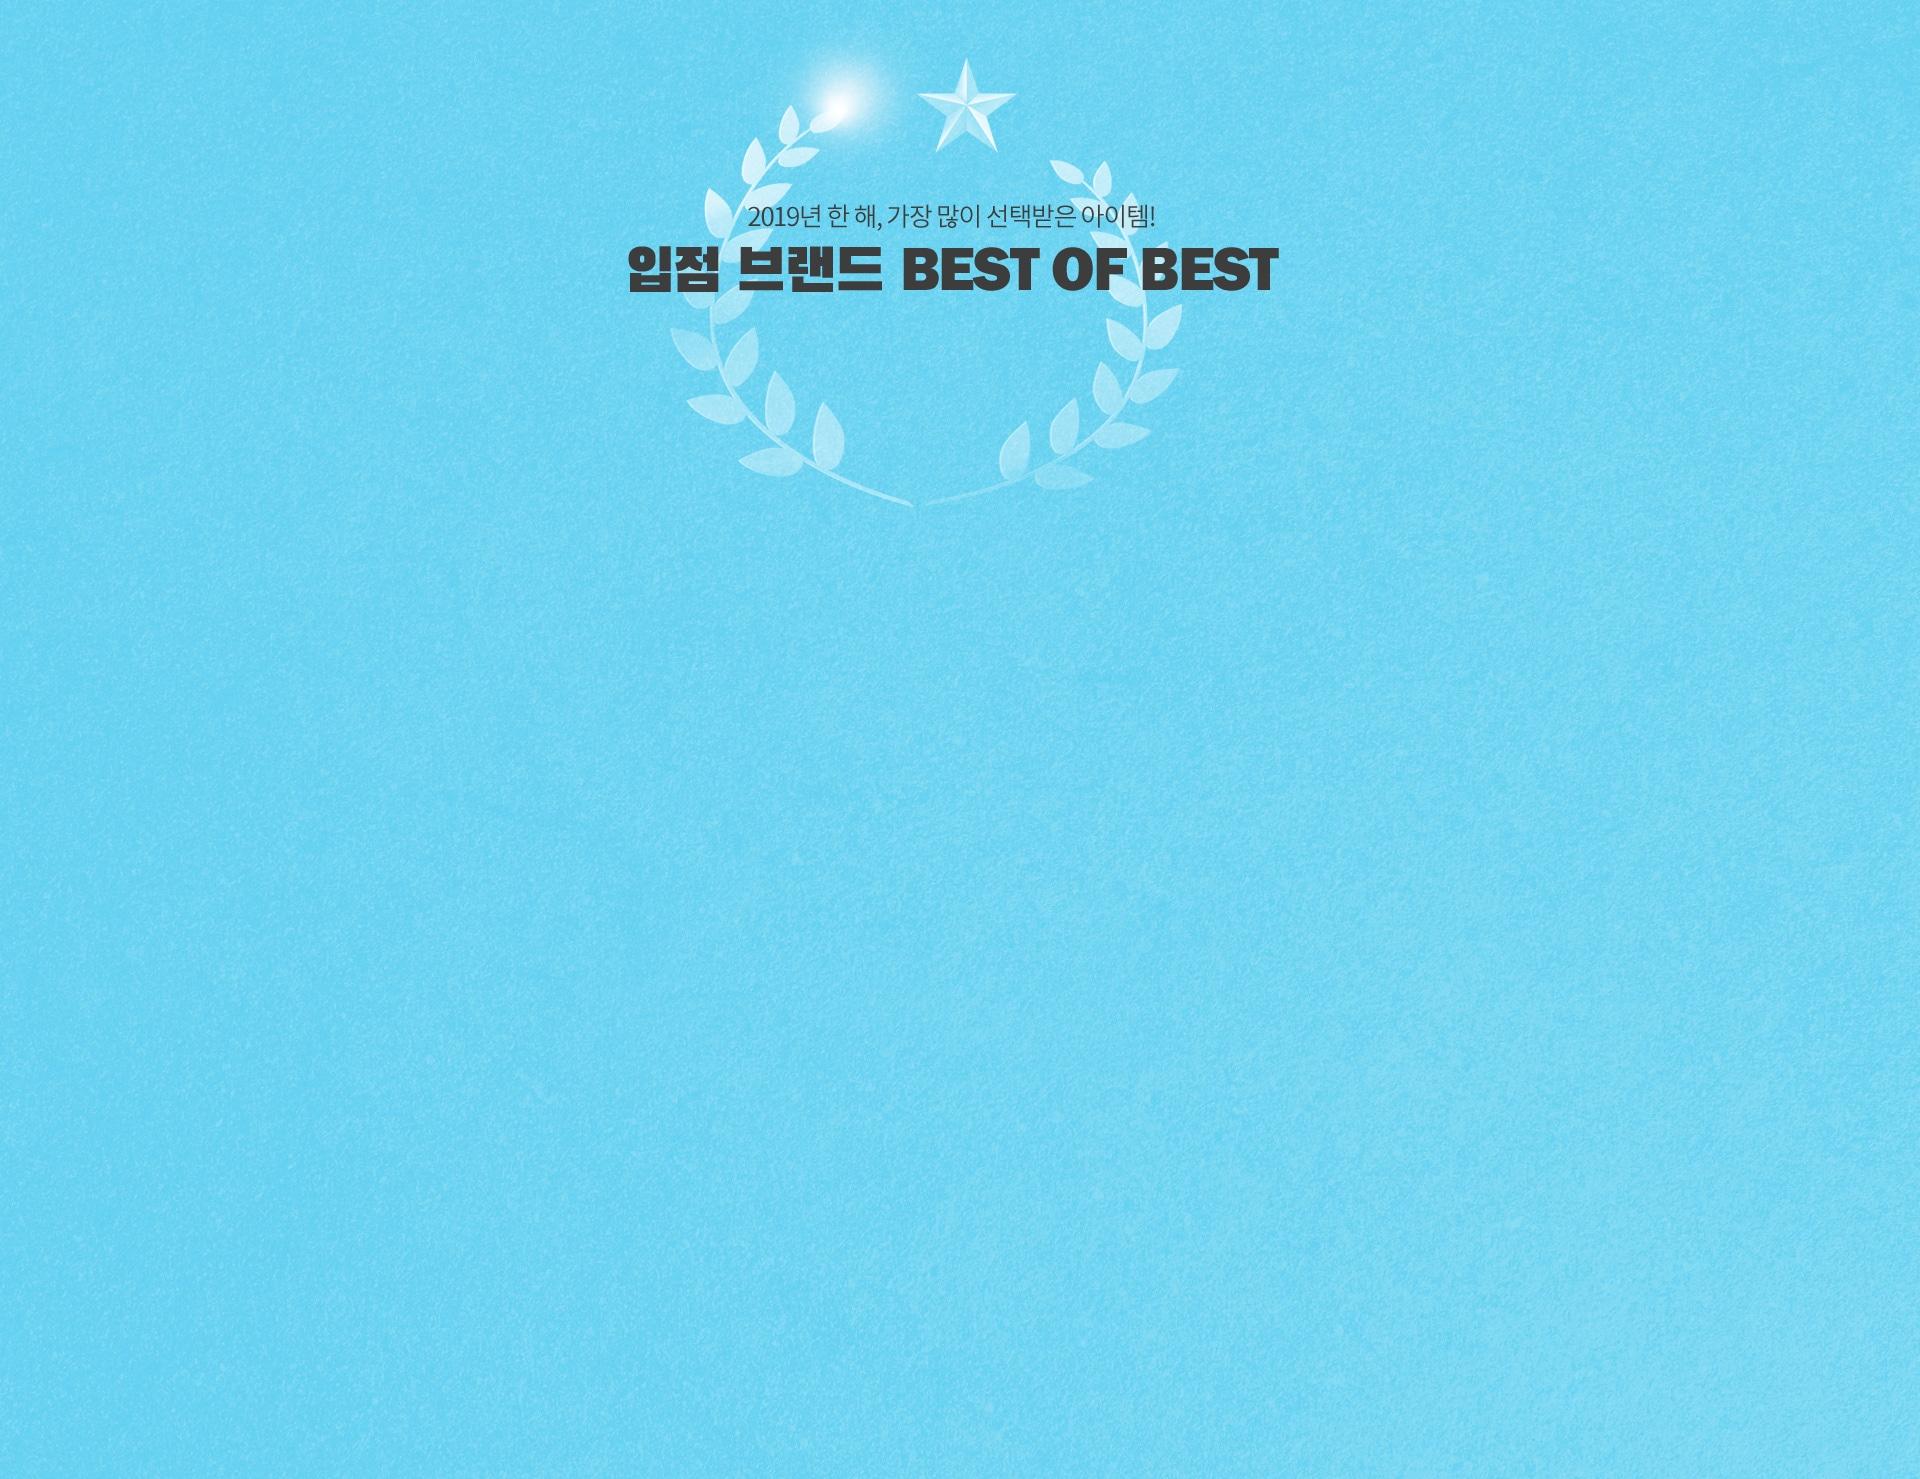 2019년 한 해, 가장 많이 선택받은 아이템! 입점 브랜드 BEST OF BEST